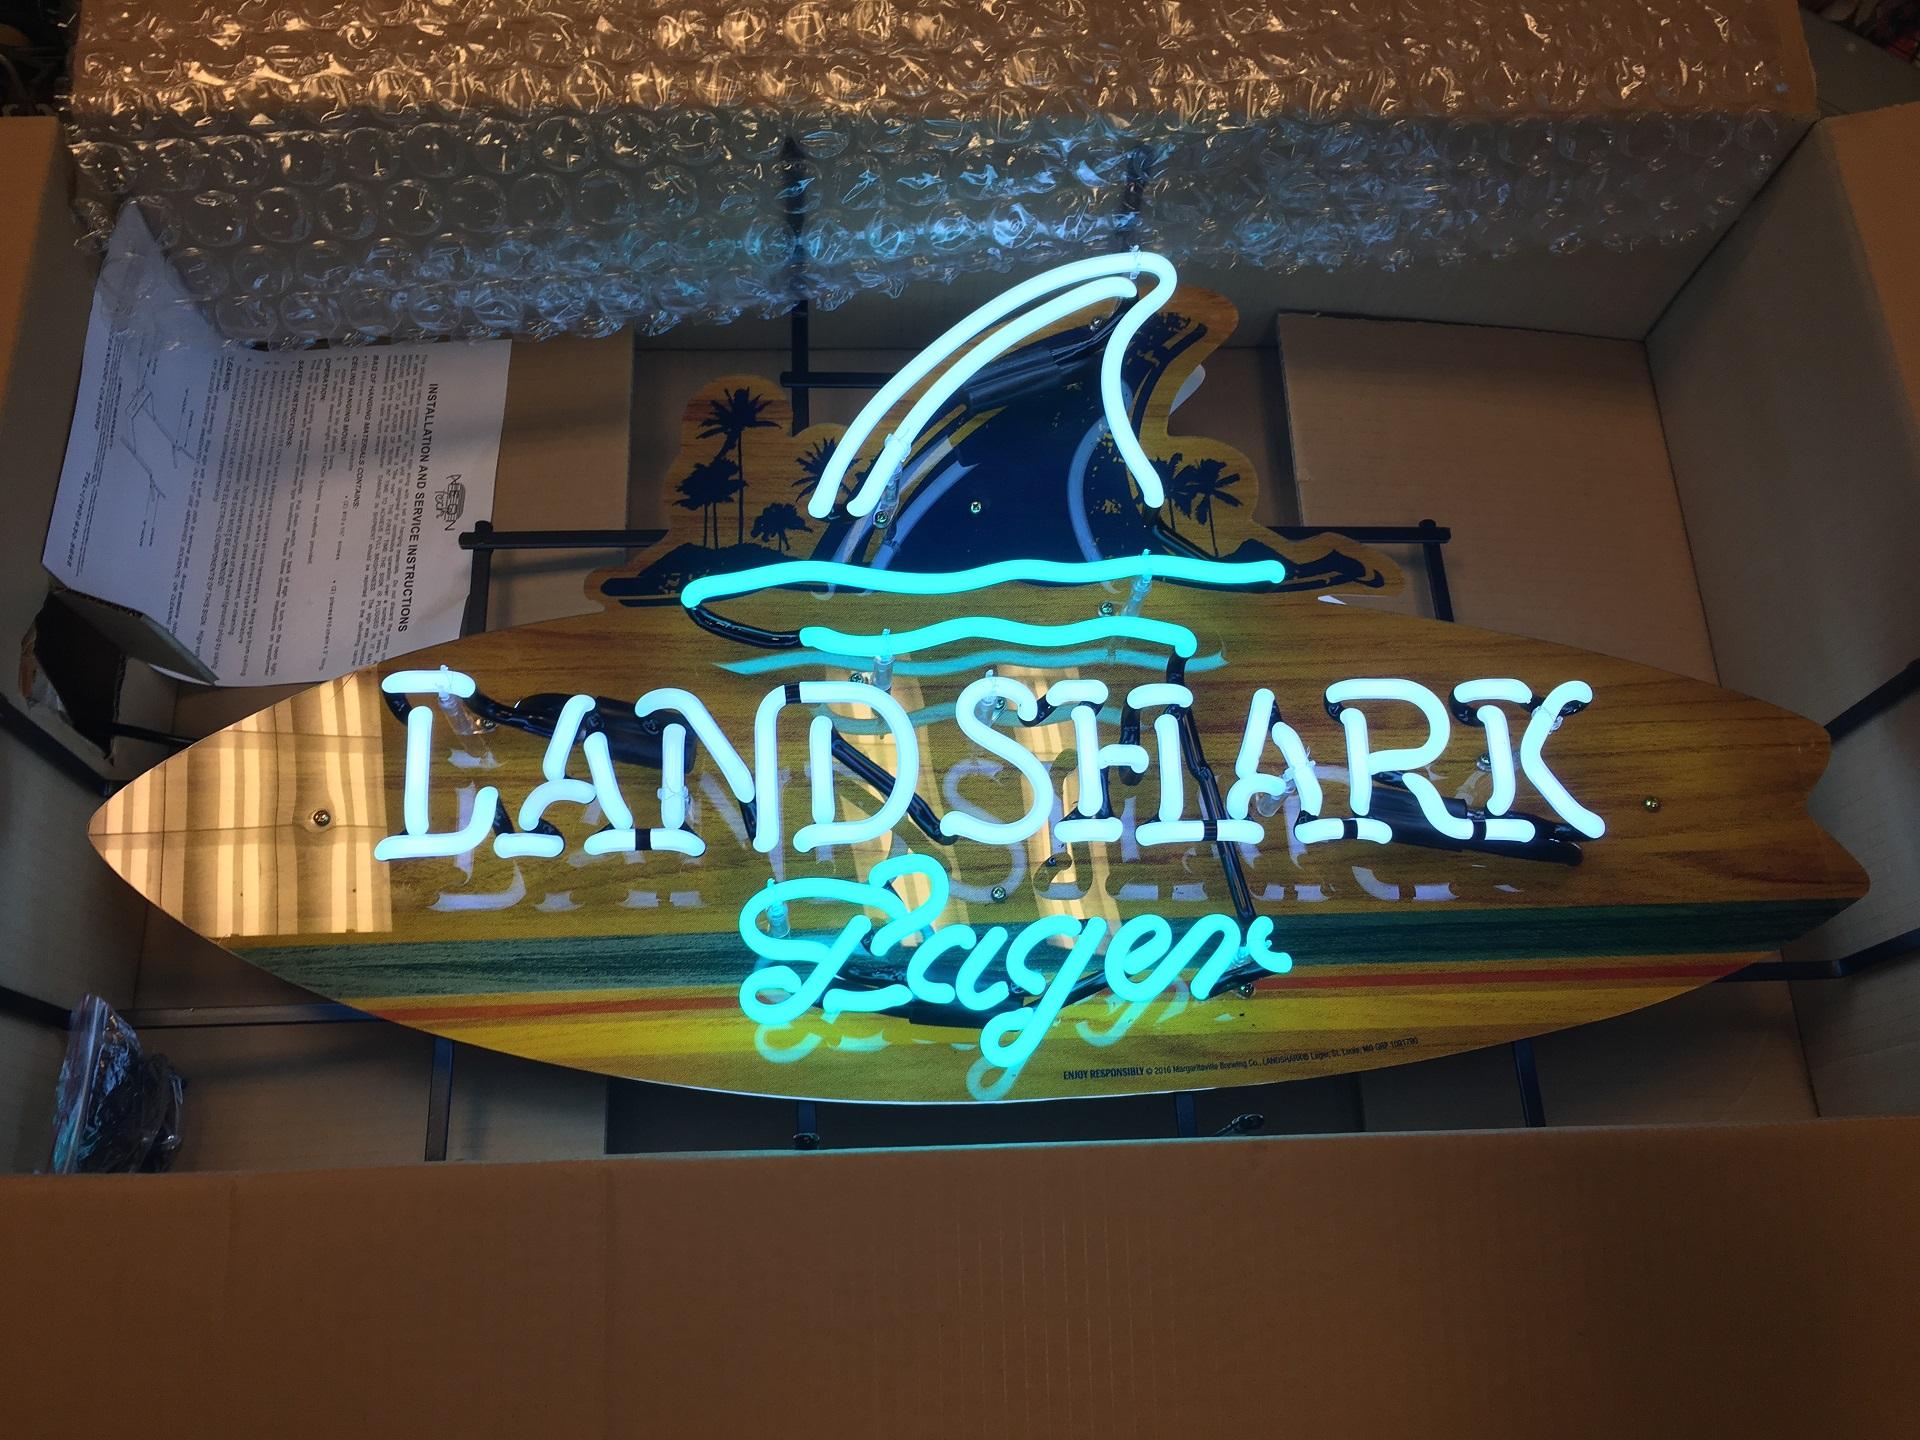 Land shark beer neon new in box